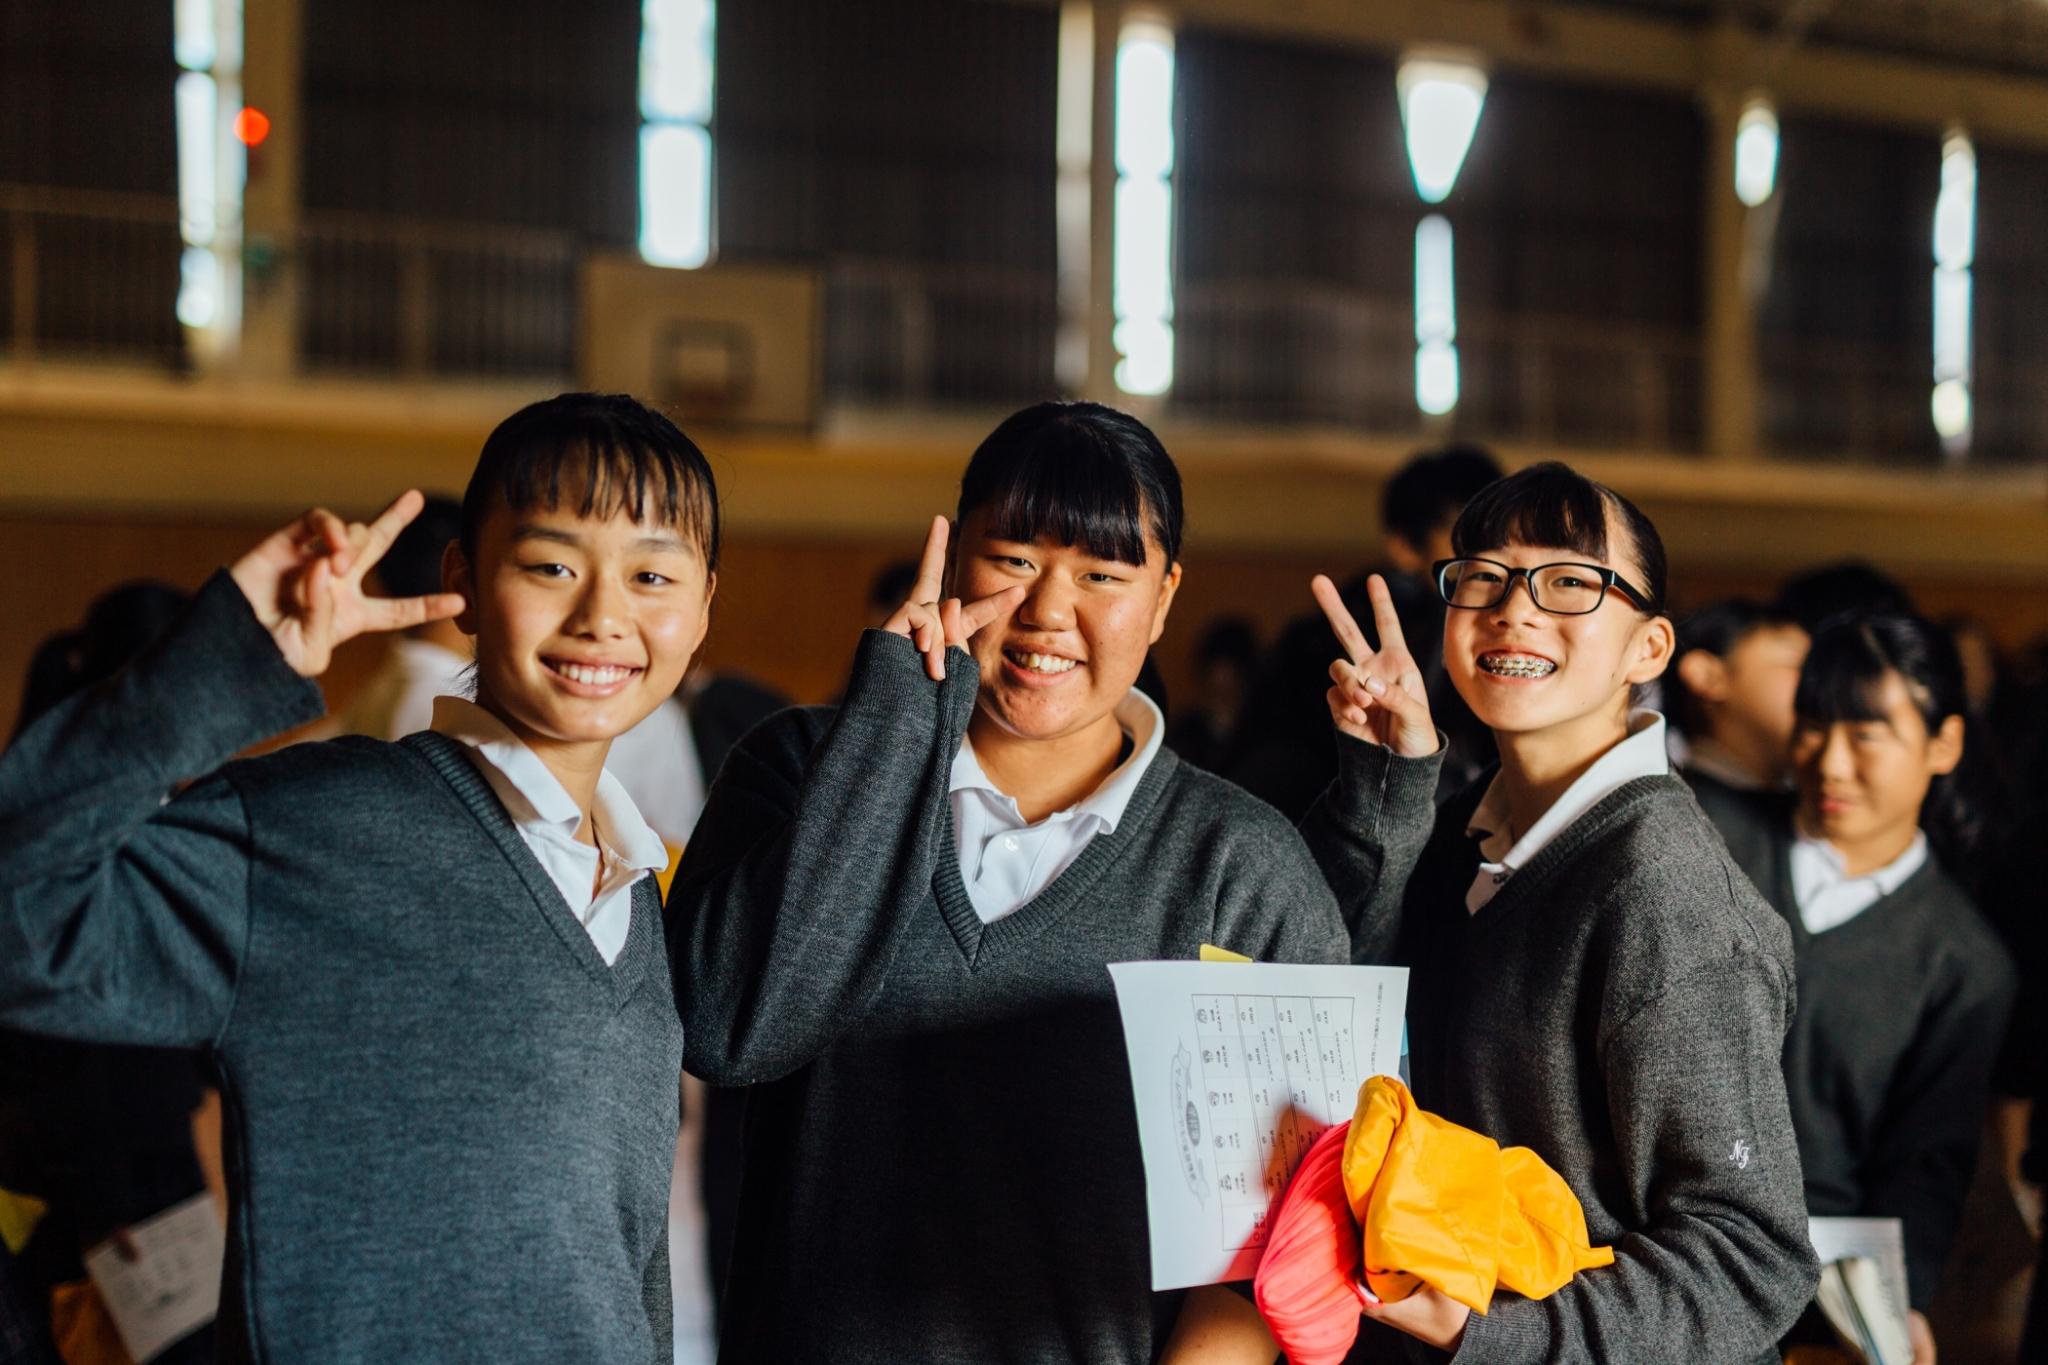 056)出張授業 きくりん寝屋川市立第一中学校20181106_181126_0